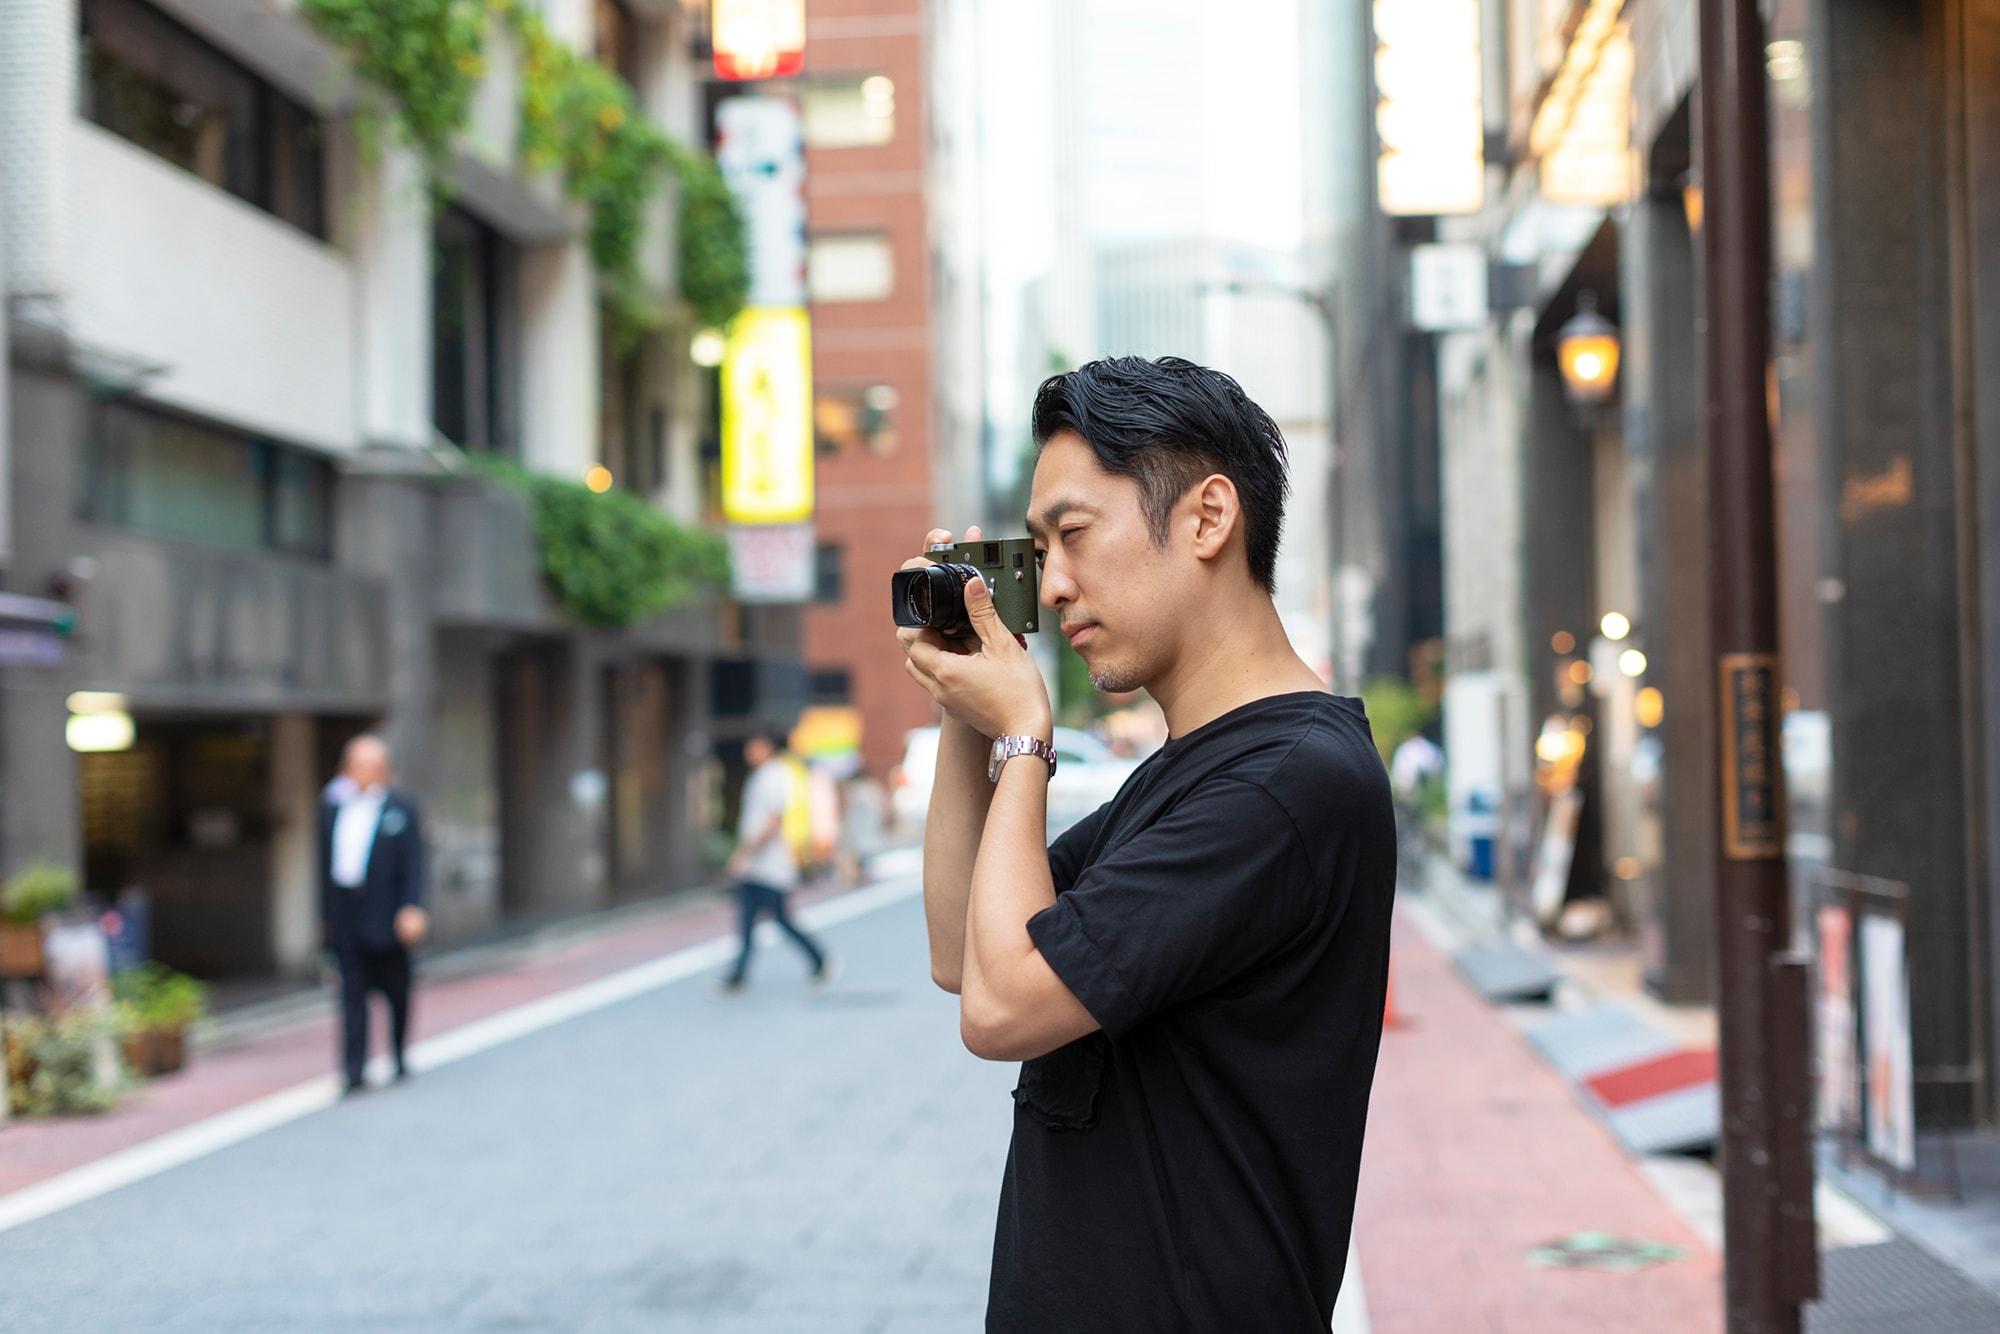 石井靖久インタヴュー「医師の脳でとらえた森羅万象を表現する写真」 | 石井靖久